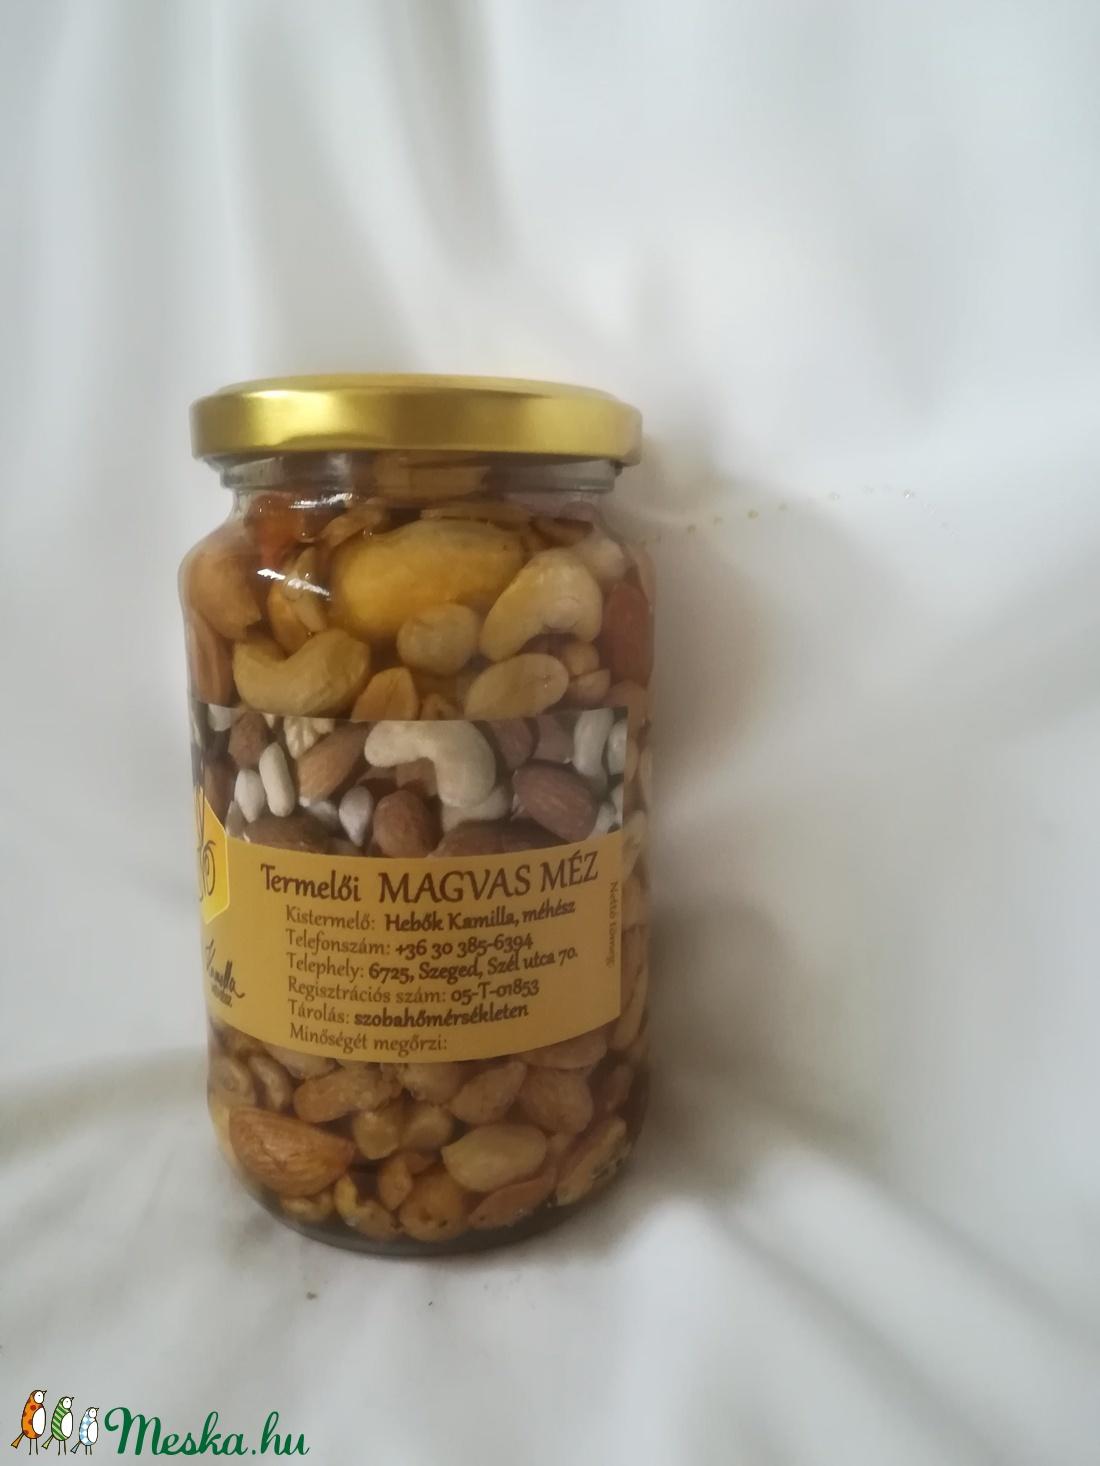 Magvas méz - Meska.hu